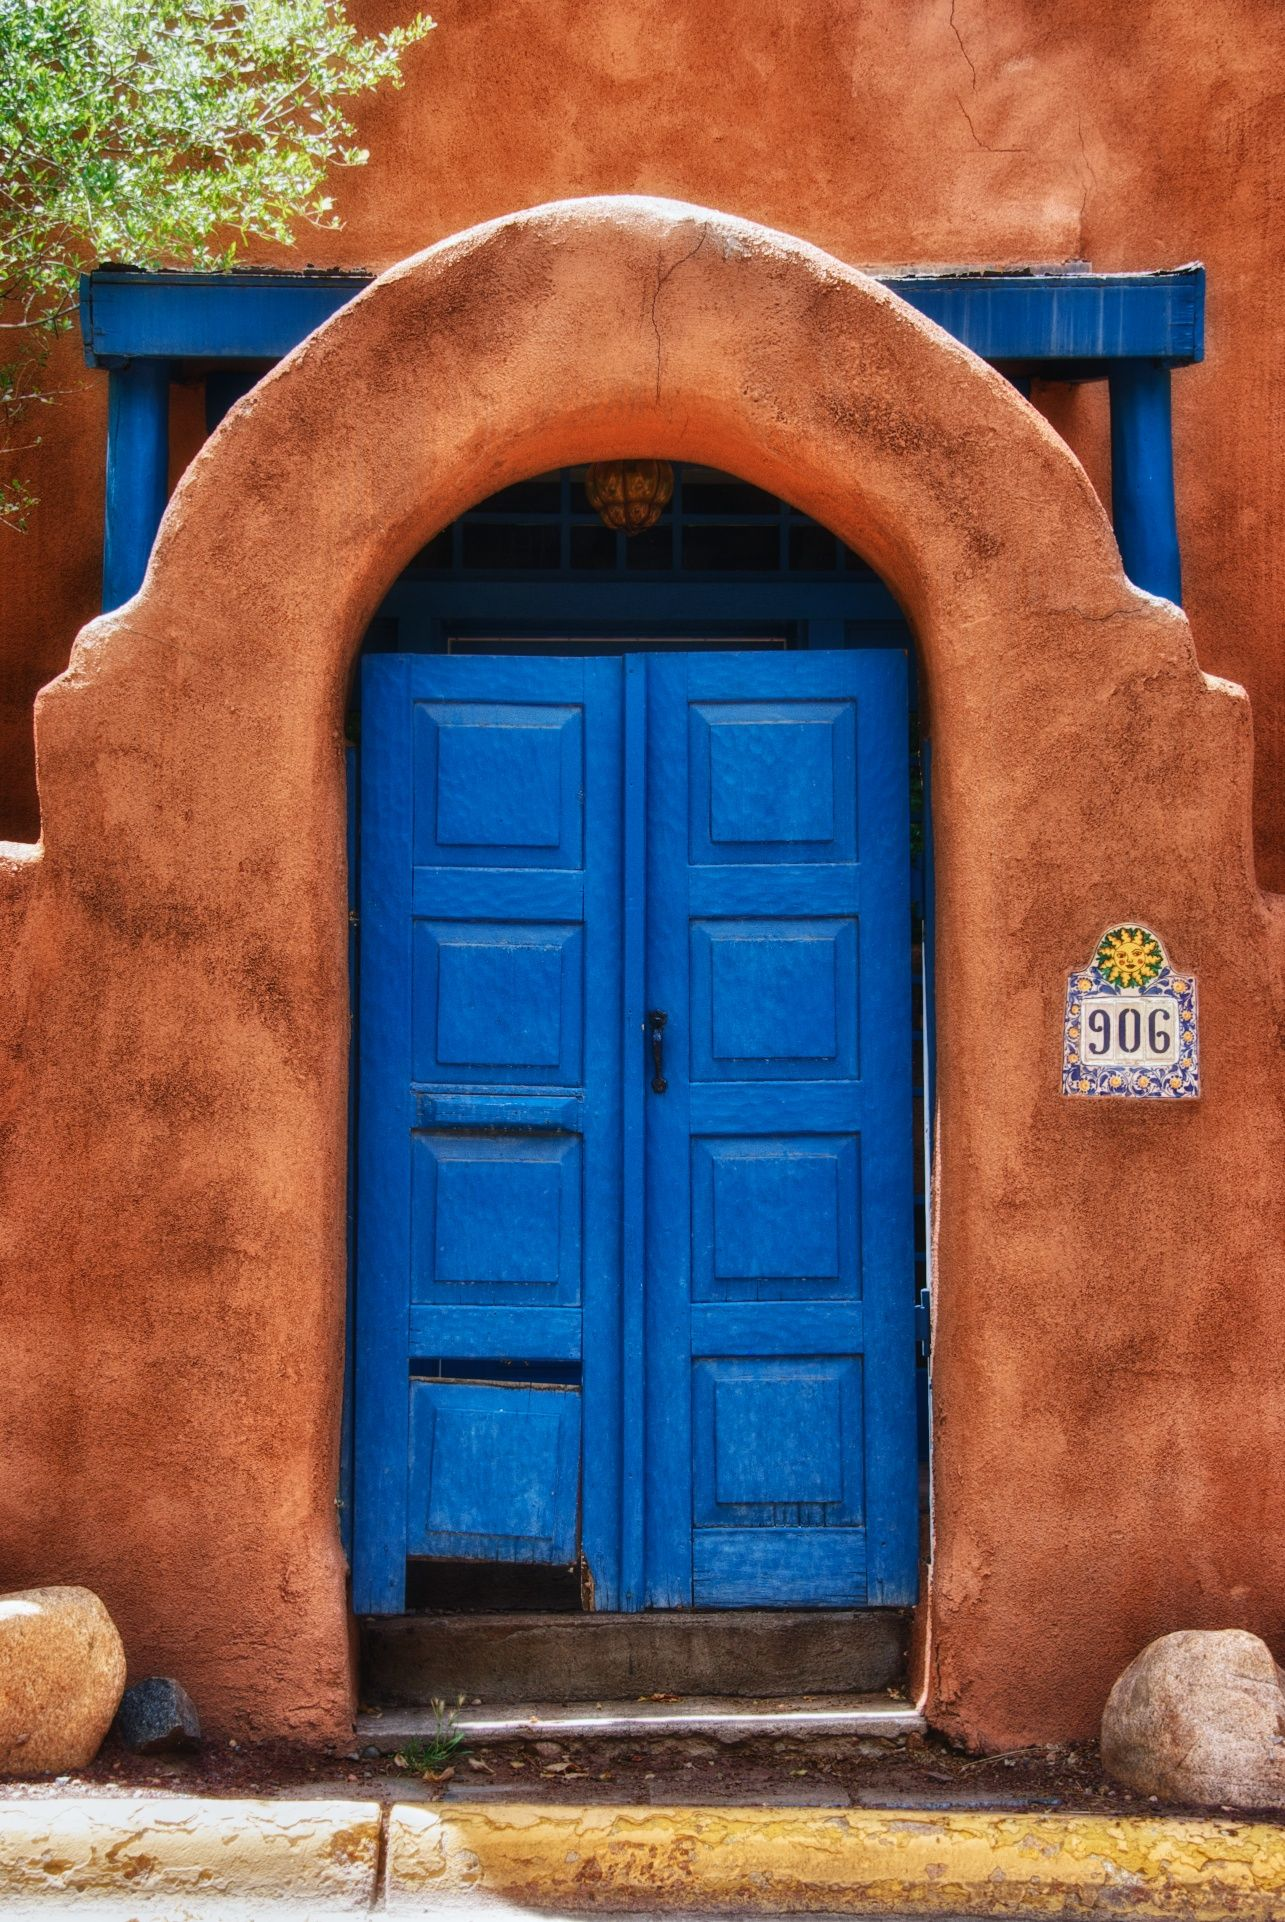 906 santa fe - Santa Fe Colors